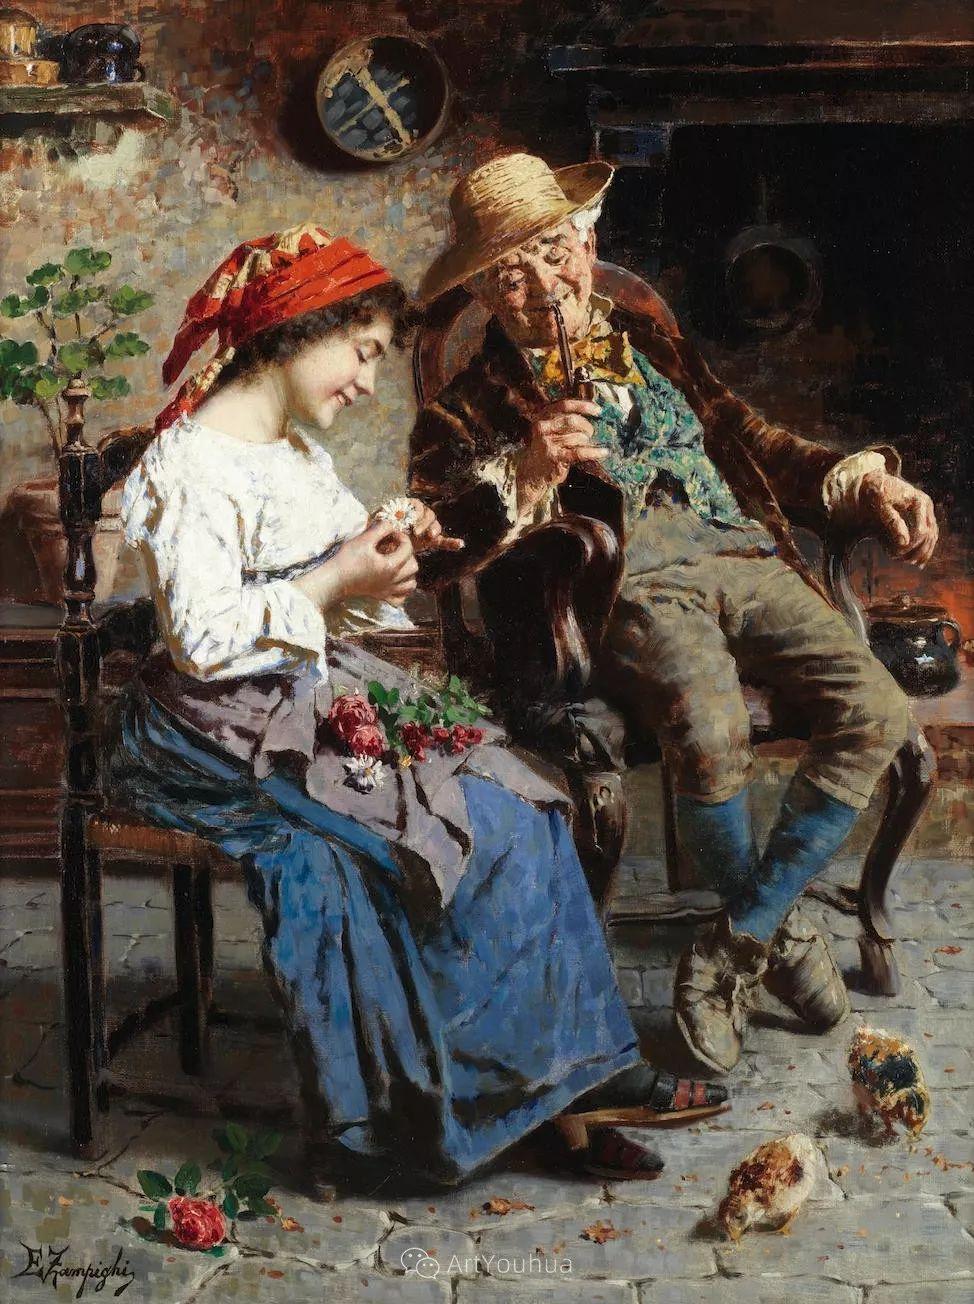 他把普通人的生活,画得如此欢乐、温馨、幸福,意大利画家Eugenio Zampighi插图2